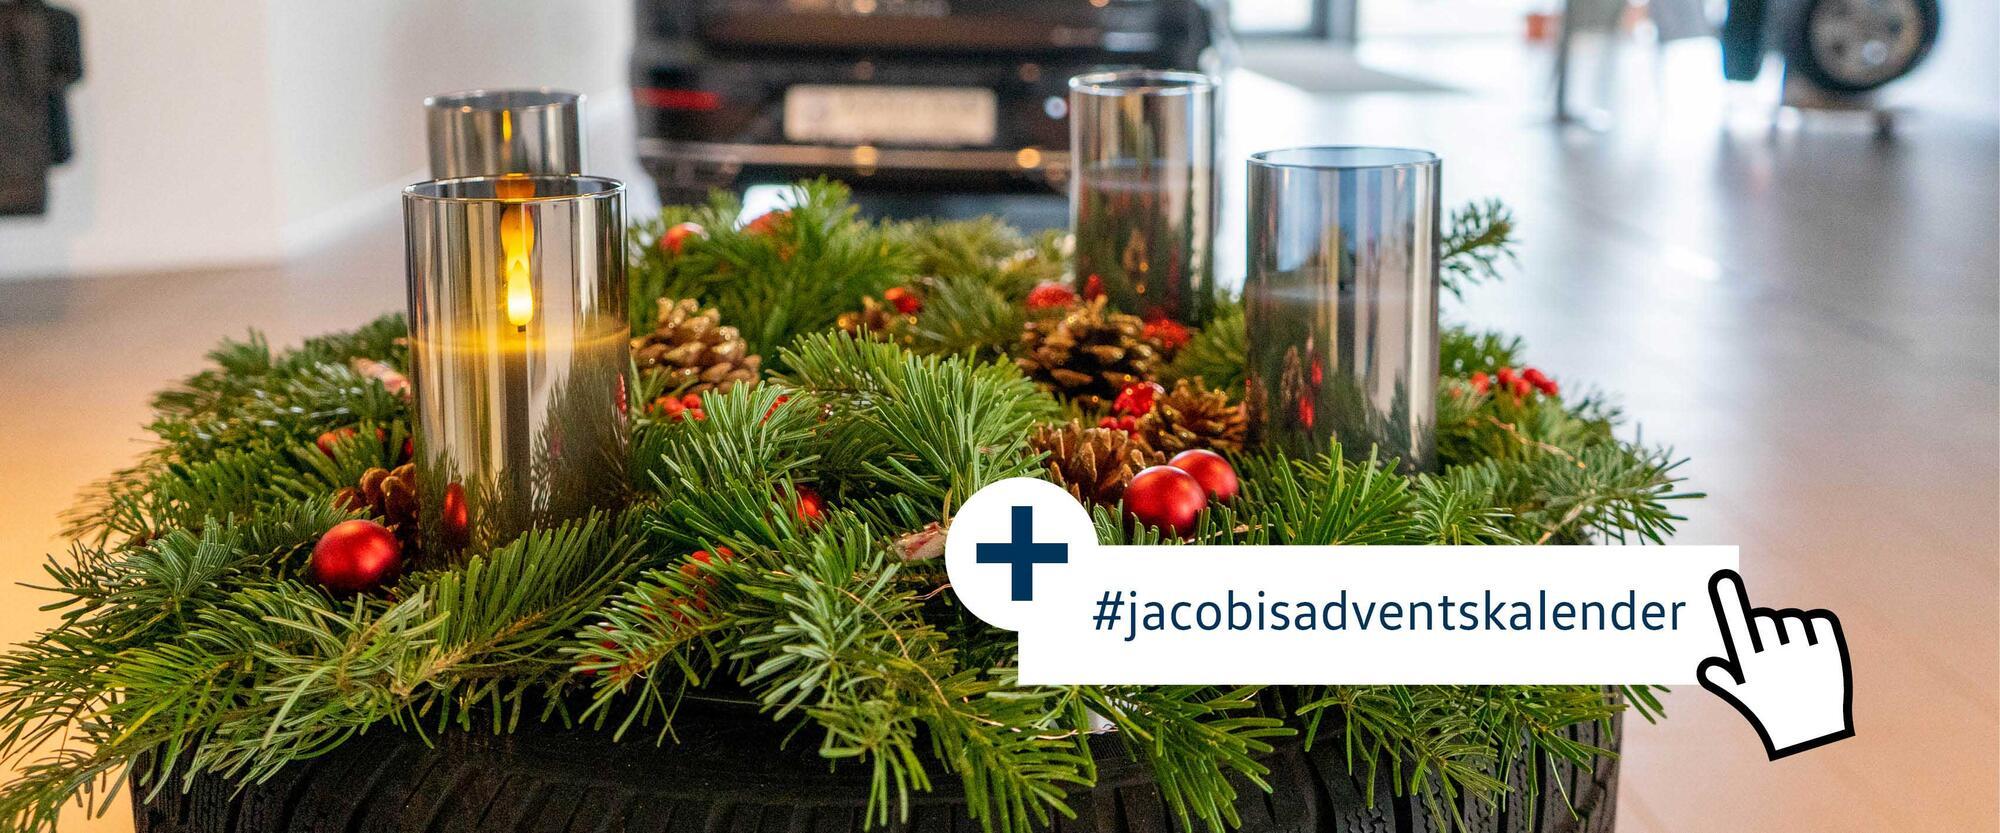 #jacobisadventskalender